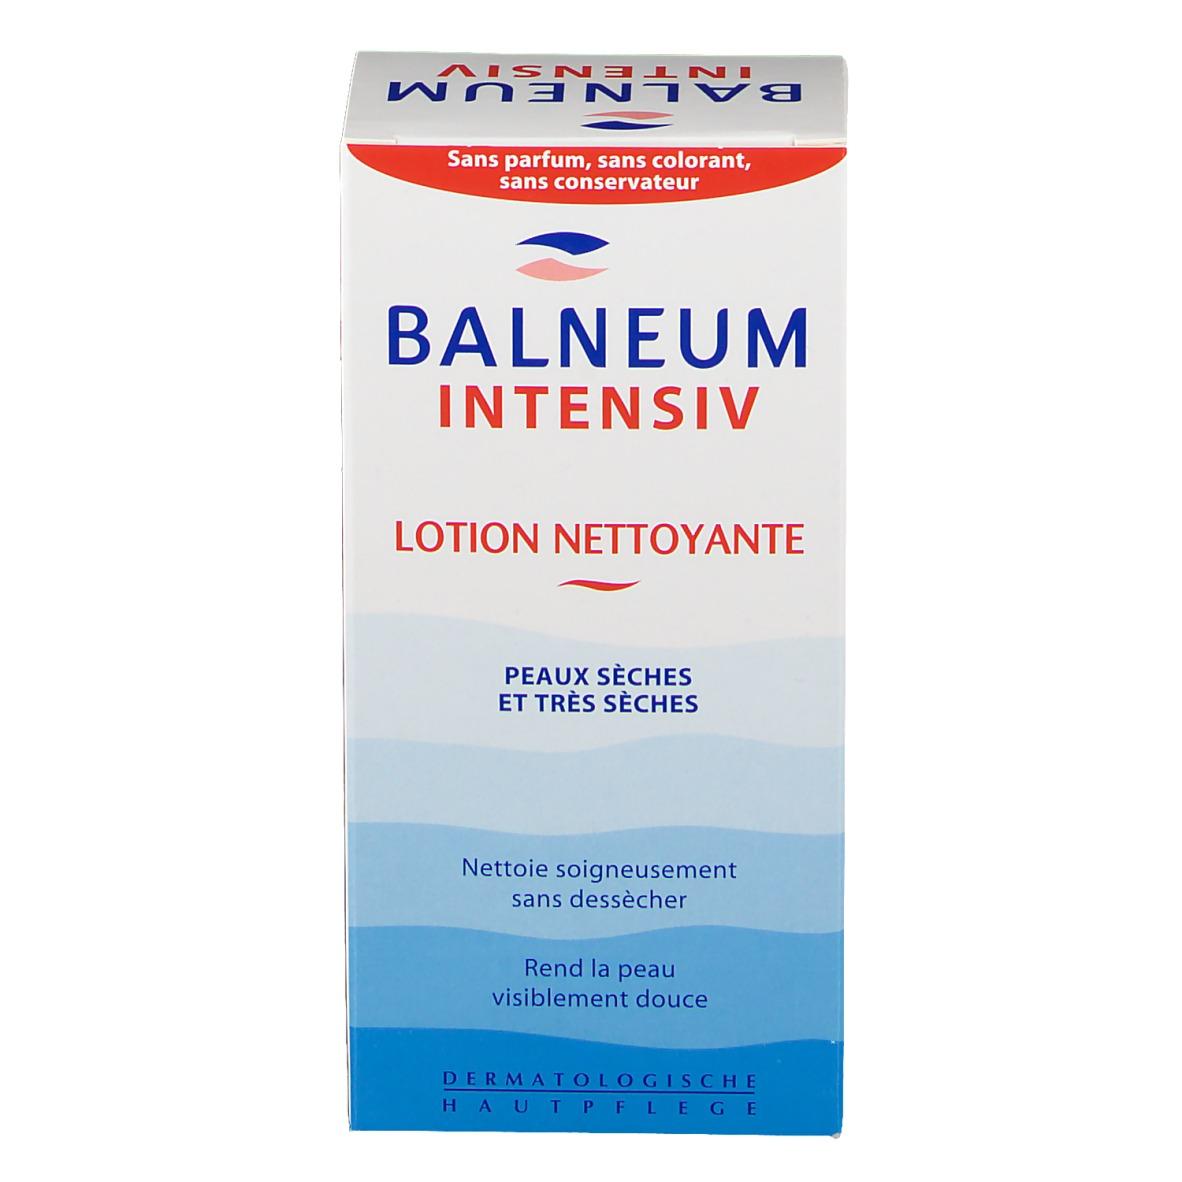 Balneum® Intensiv Dusch-/Waschlotion